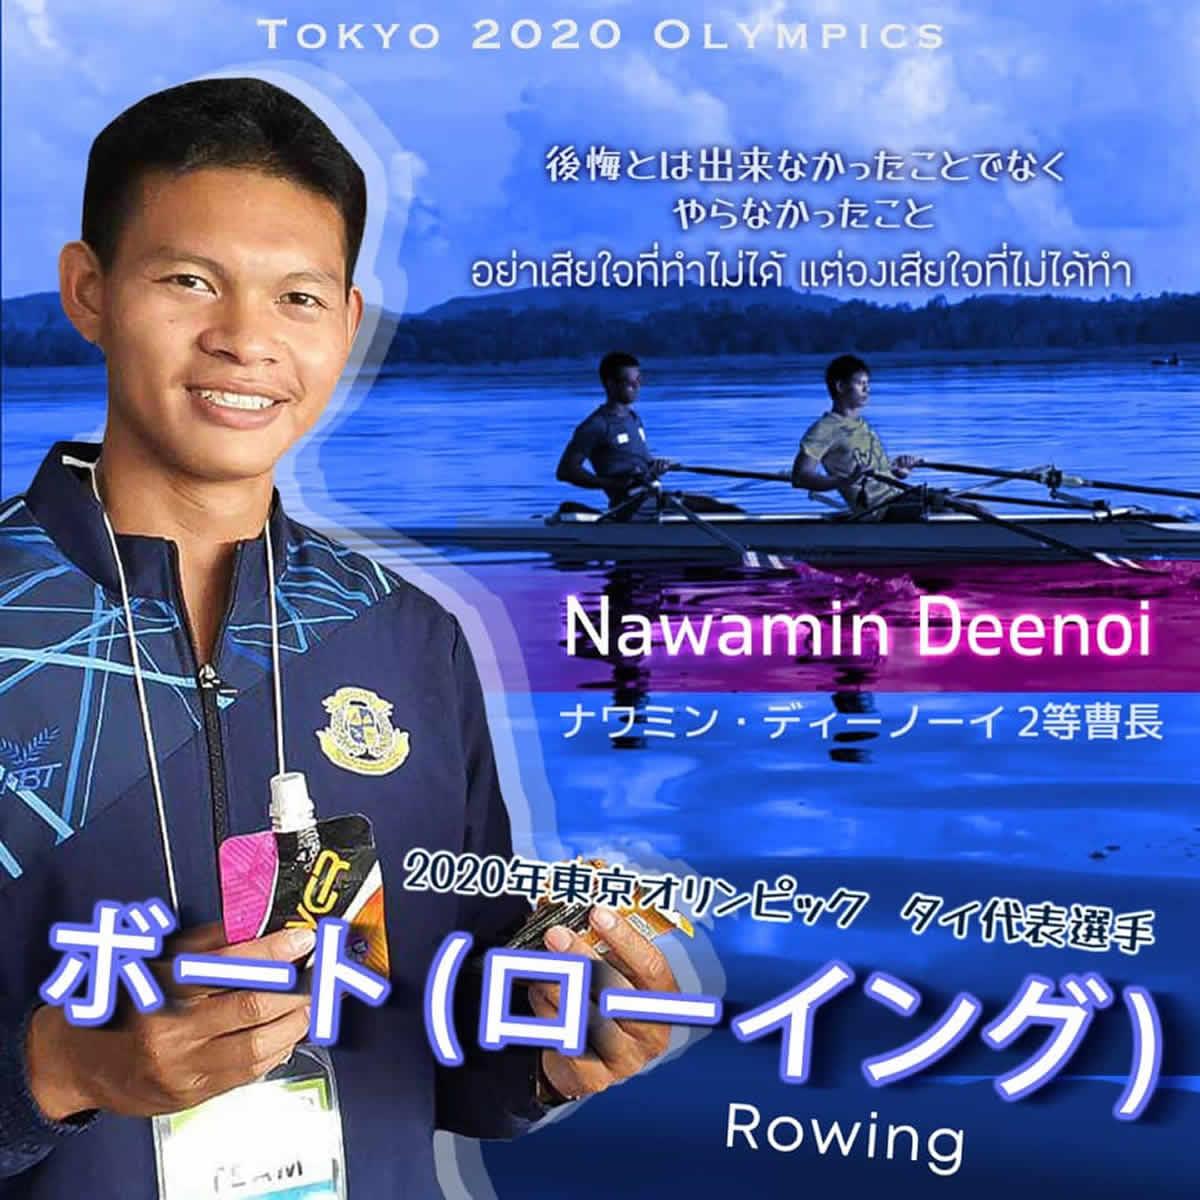 ナワミン・ディーノイ(セーク)選手[男子ボート タイ代表]東京2020オリンピック